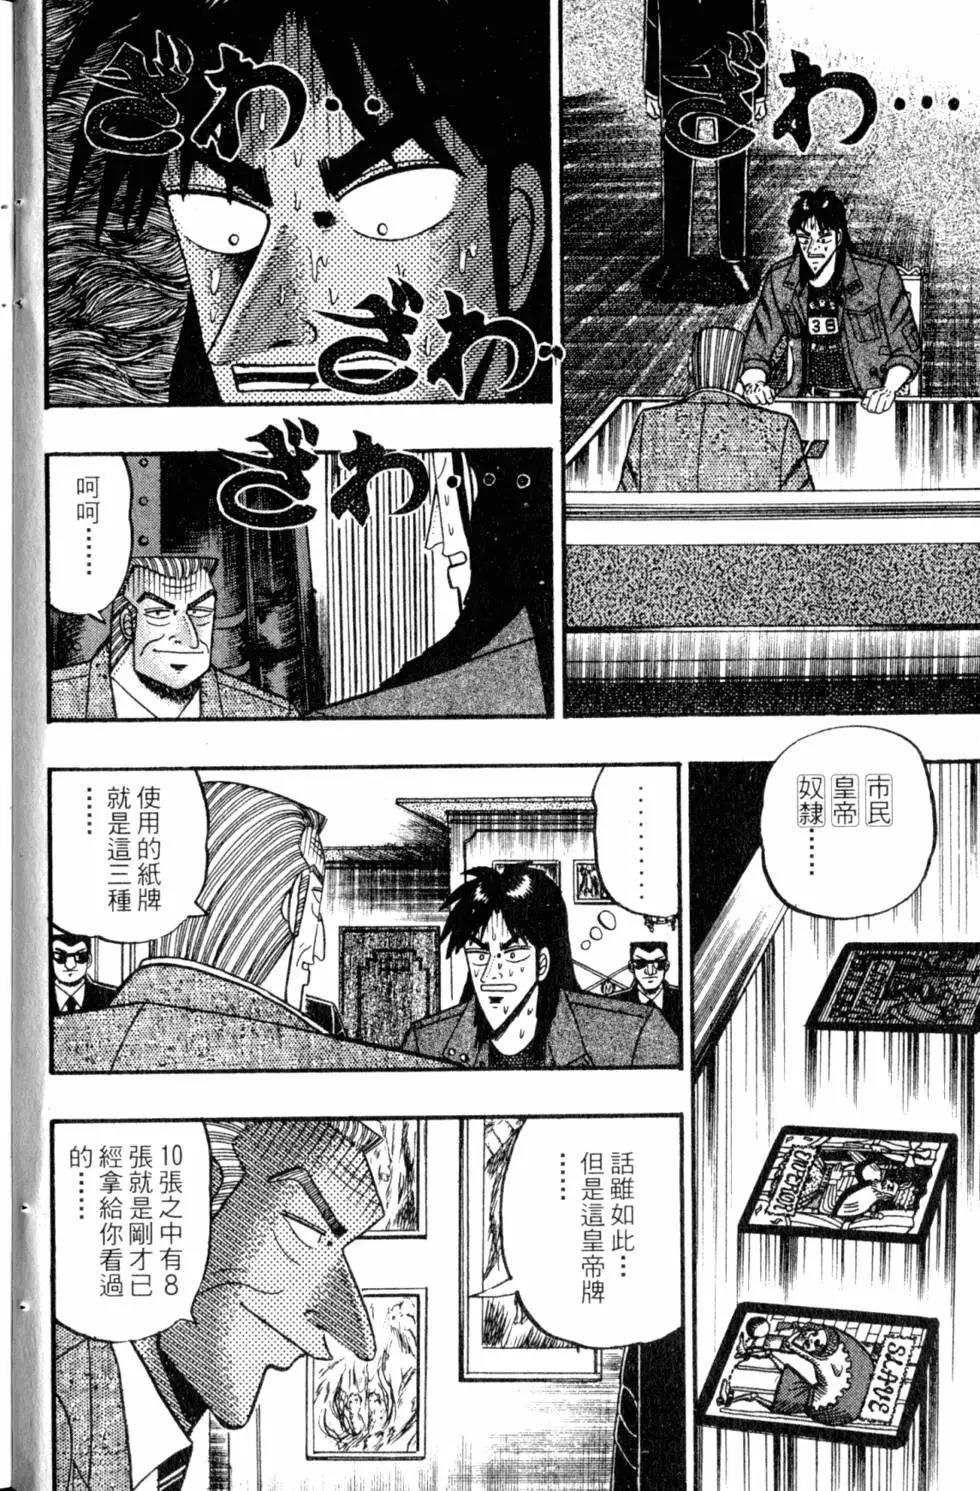 賭博默示錄漫畫單行本 第09卷-漫畫DB